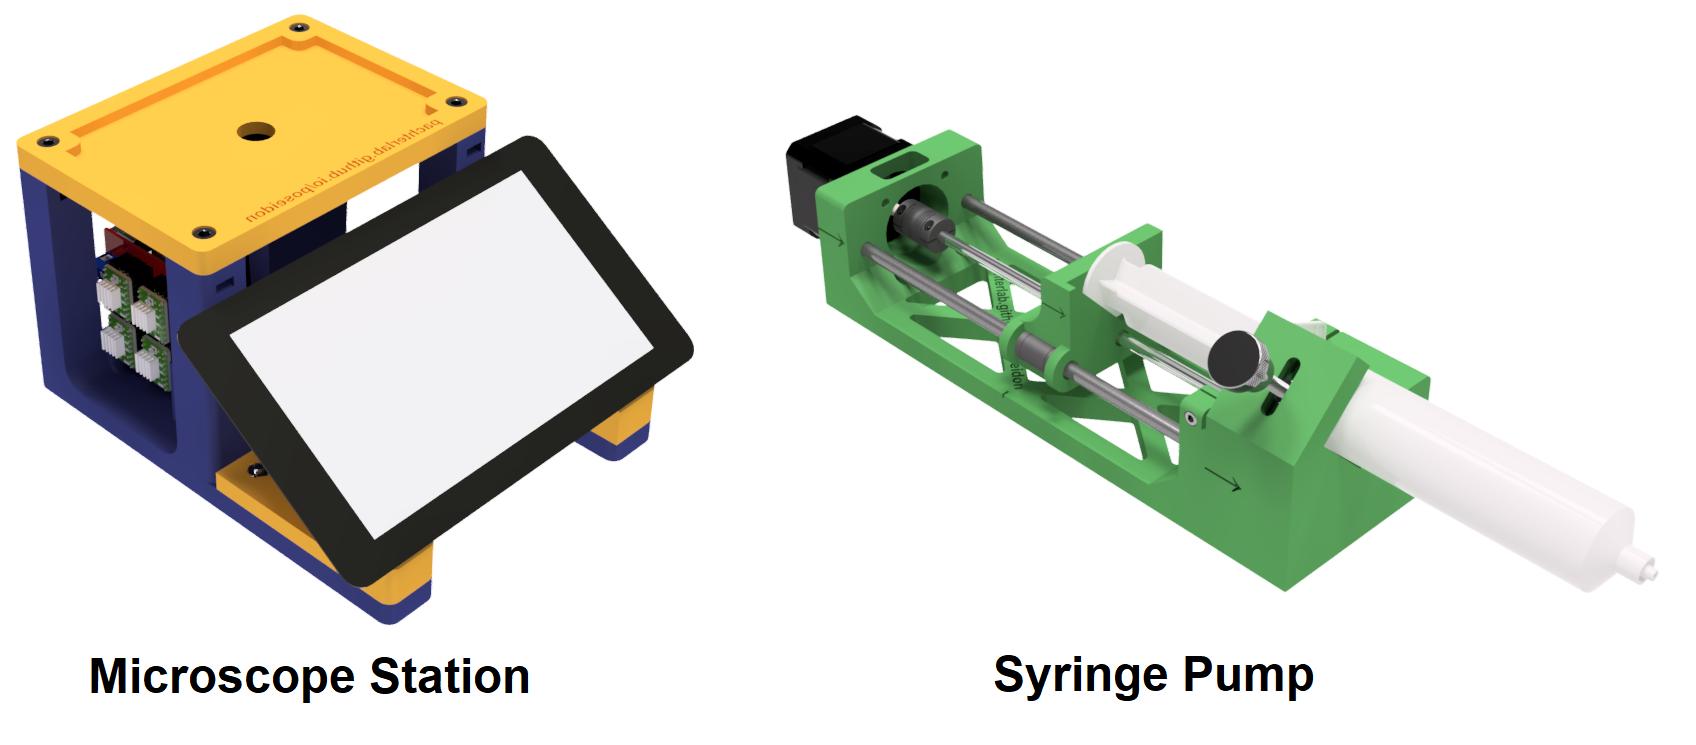 Open sourcing bioinstruments